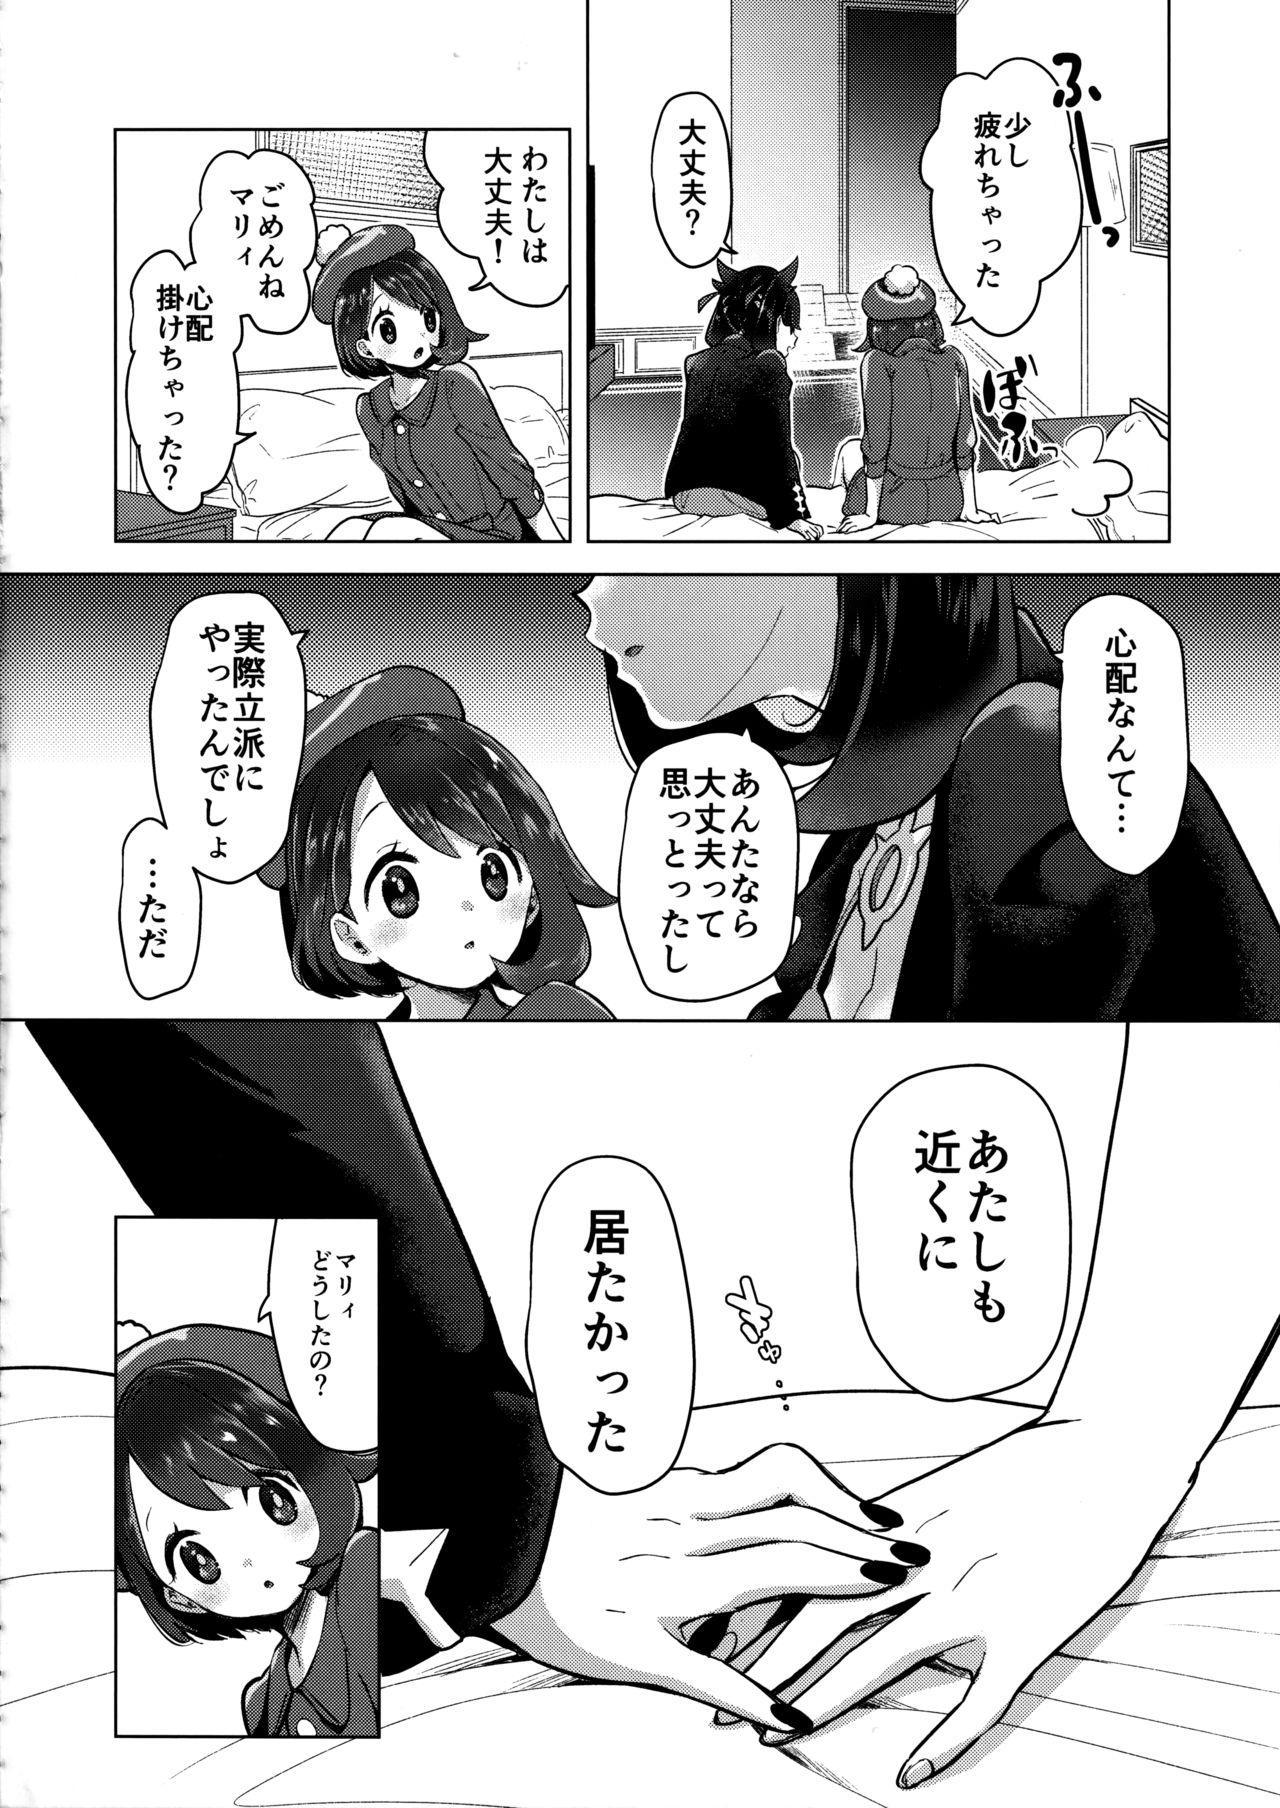 Marnie wa Yuuri kara Amai Ringo o Futatsu Moraimashita. 12